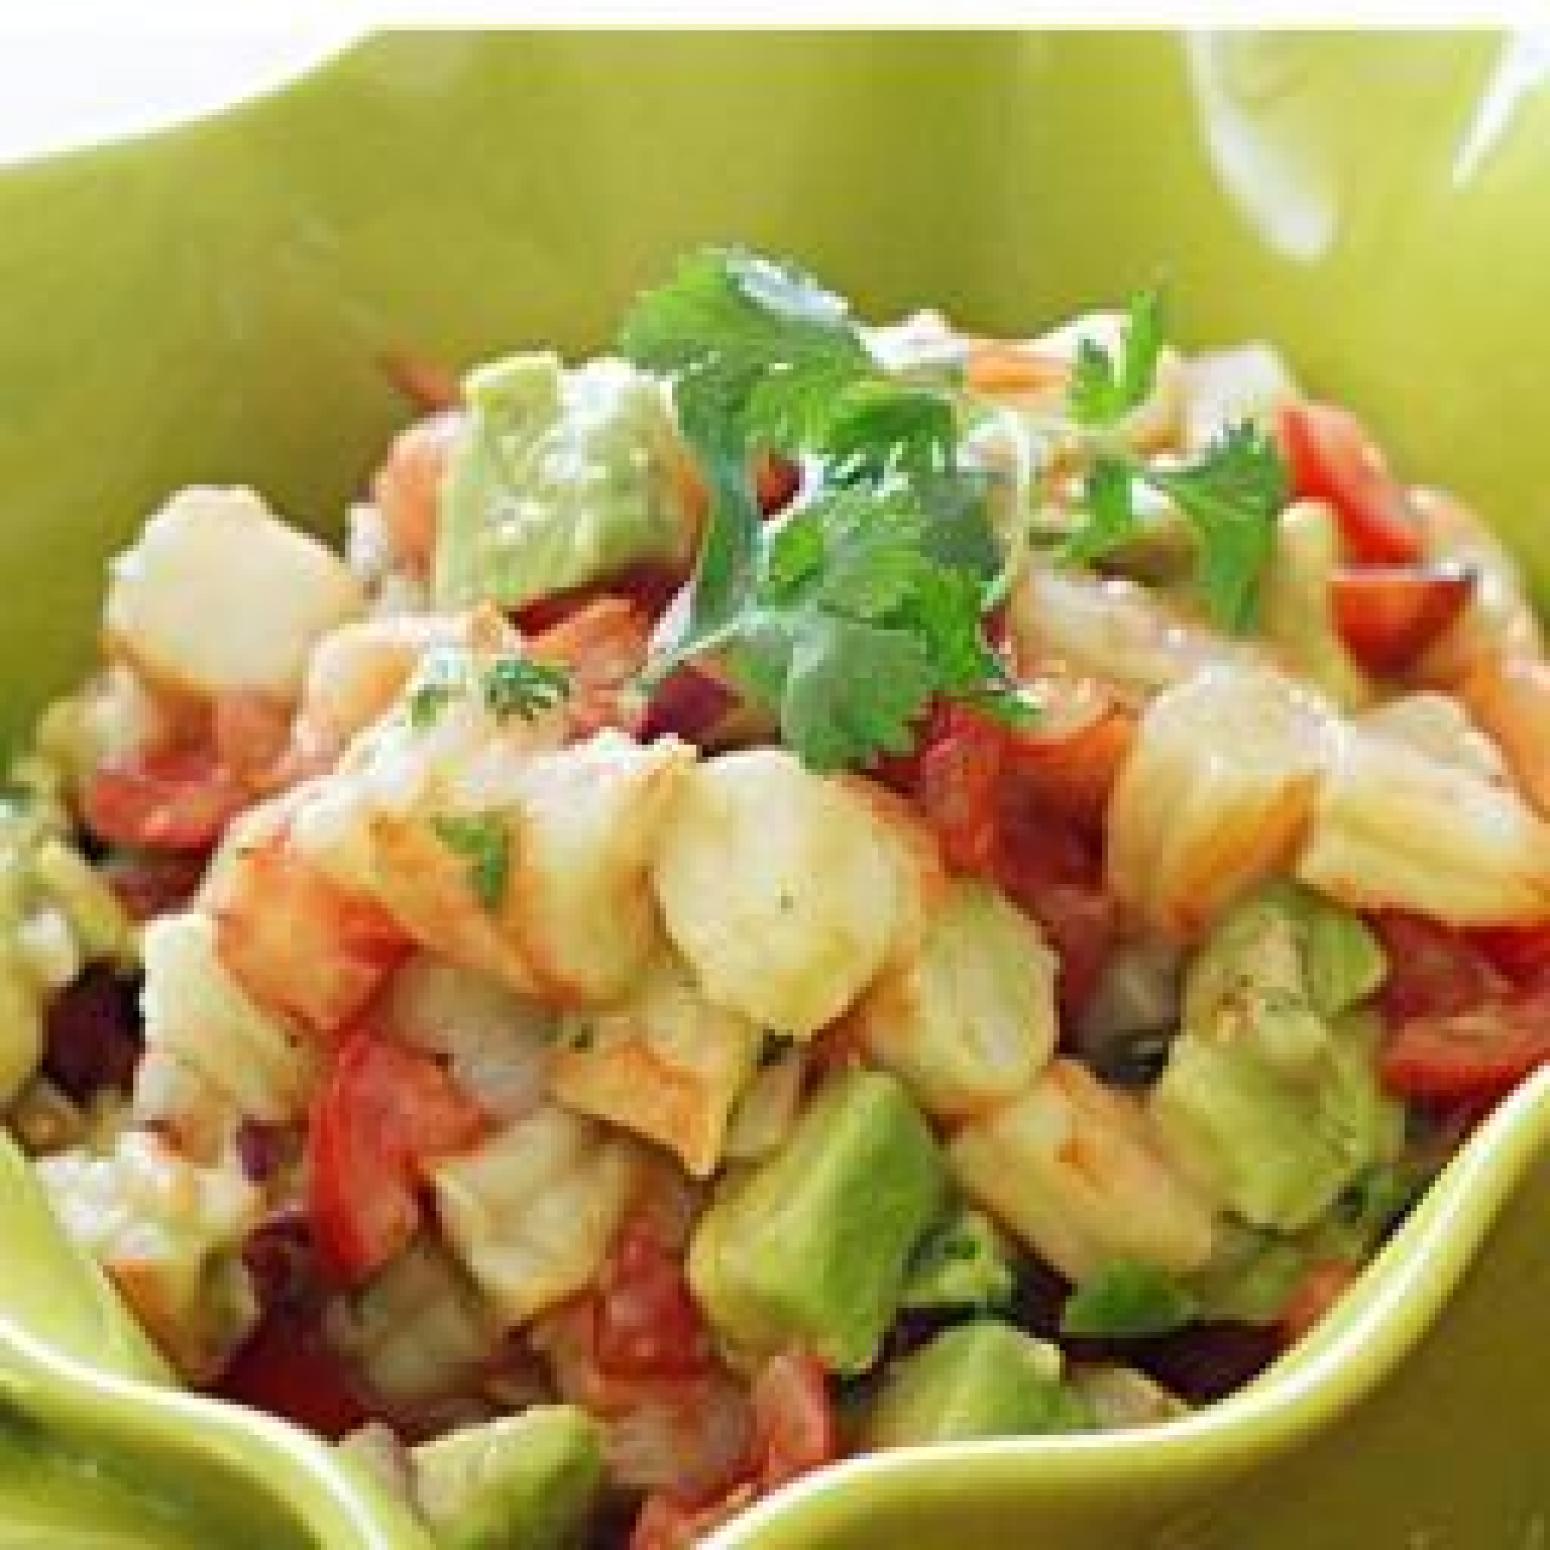 Zesty Lime Shrimp and Avocado Salad Recipe 2 | Just A Pinch Recipes